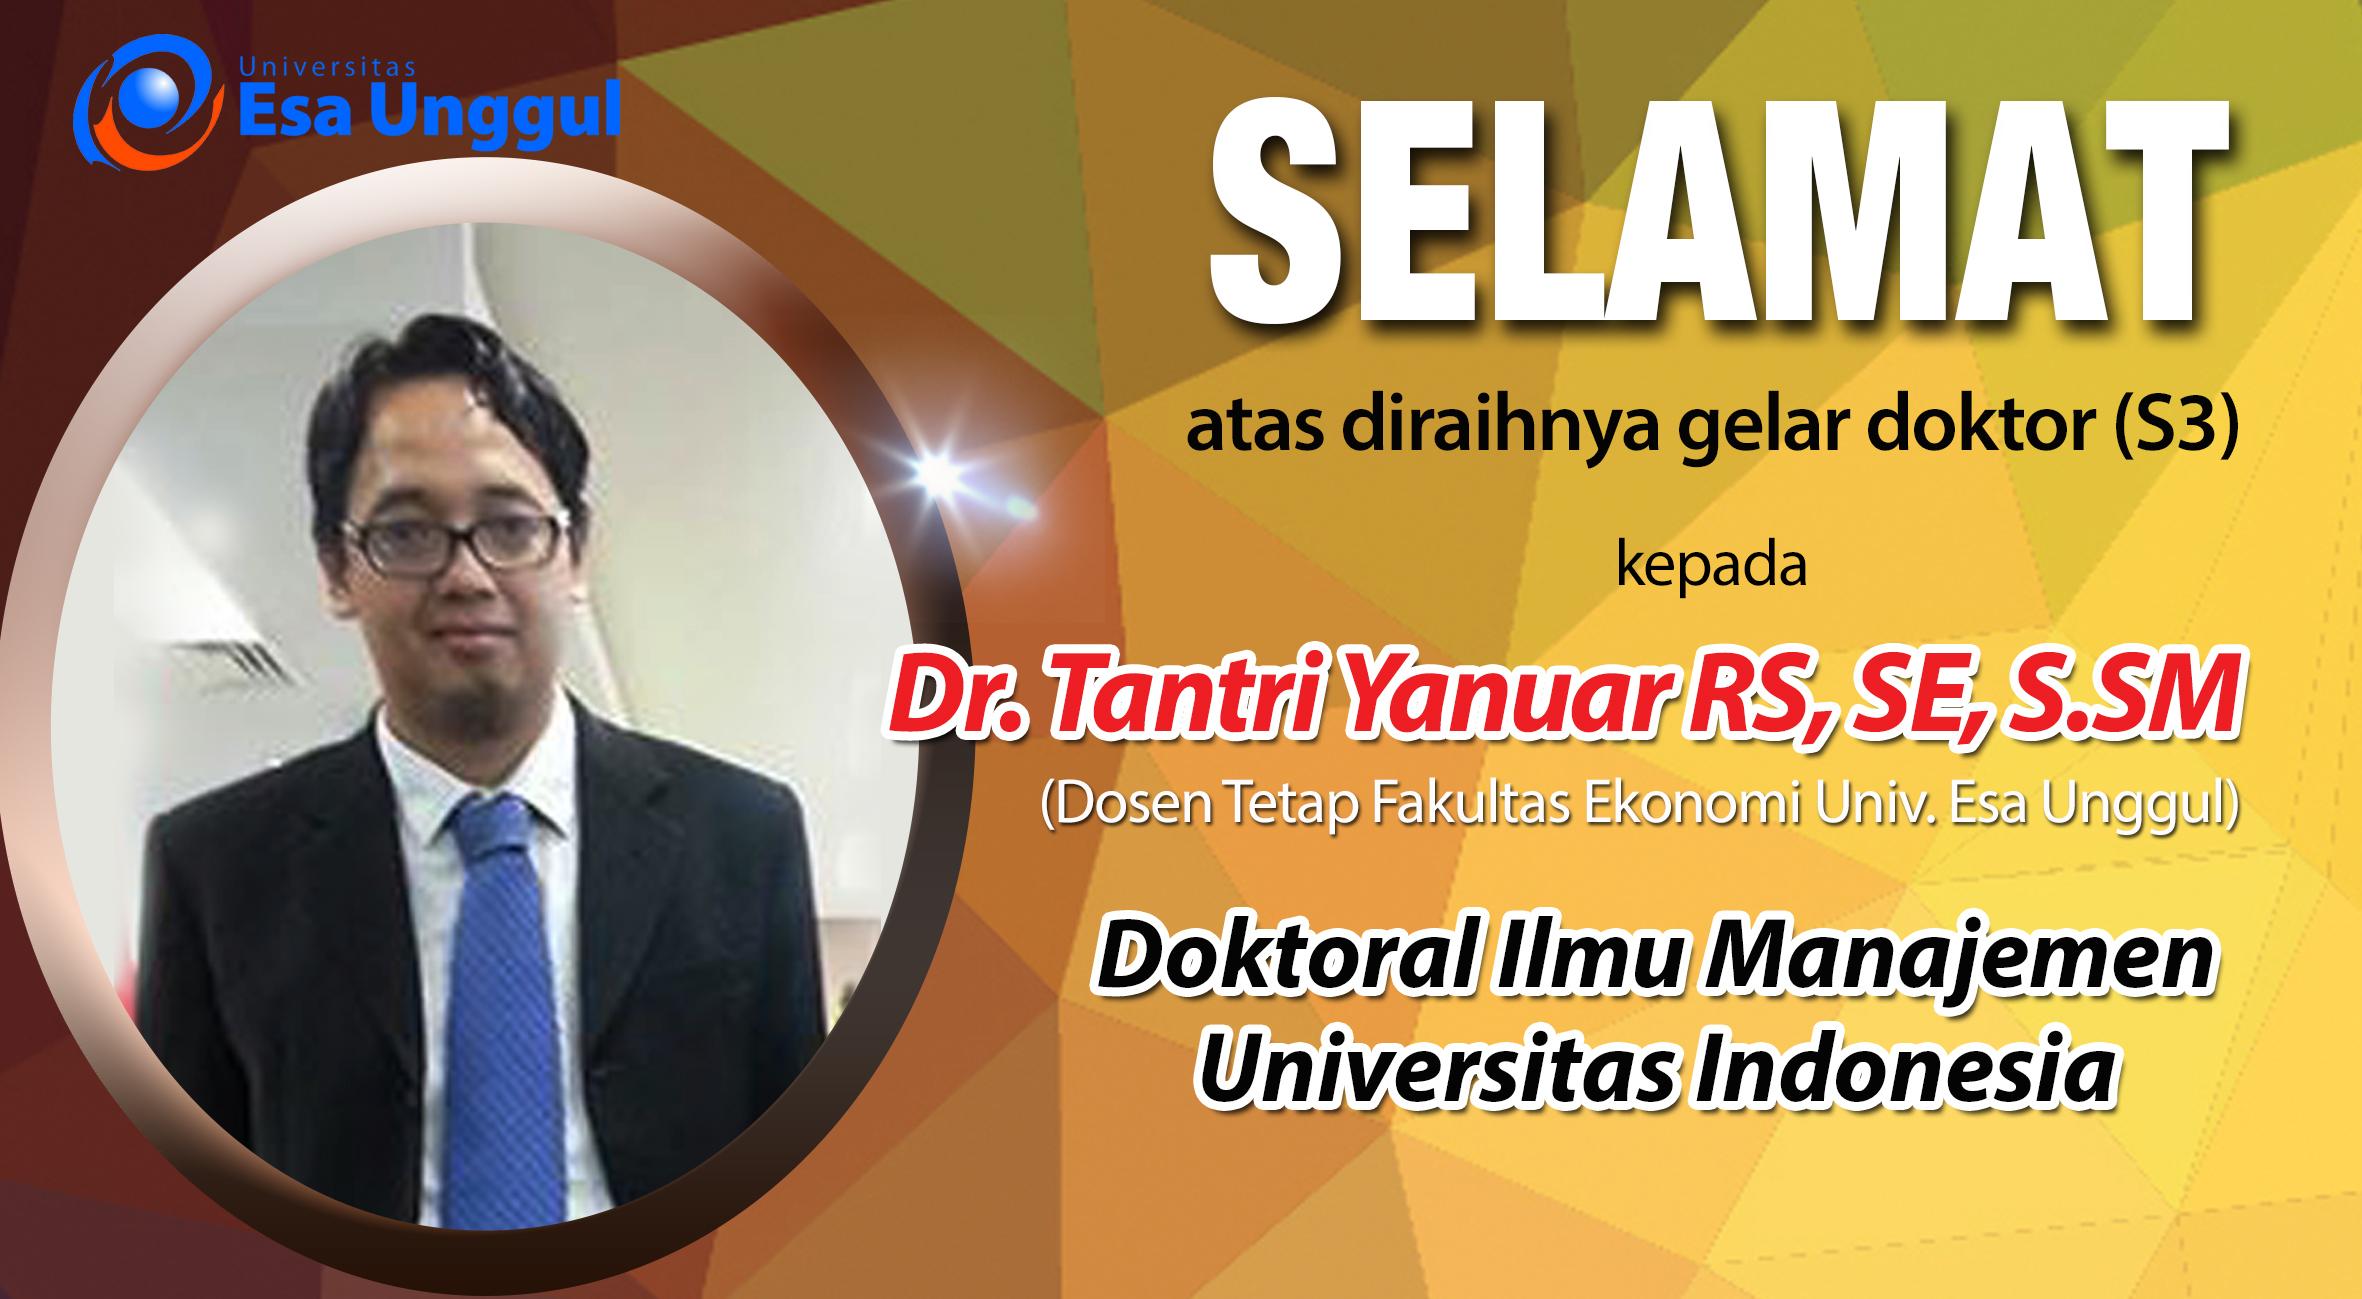 Selamat atas telah diraihnya gelar doktor (S3)  kepada Dr. Tantri Yanuar Rahmat Syah, SE, M.SM  dalam bidang Ilmu Manajemen dari Universitas Indonesia